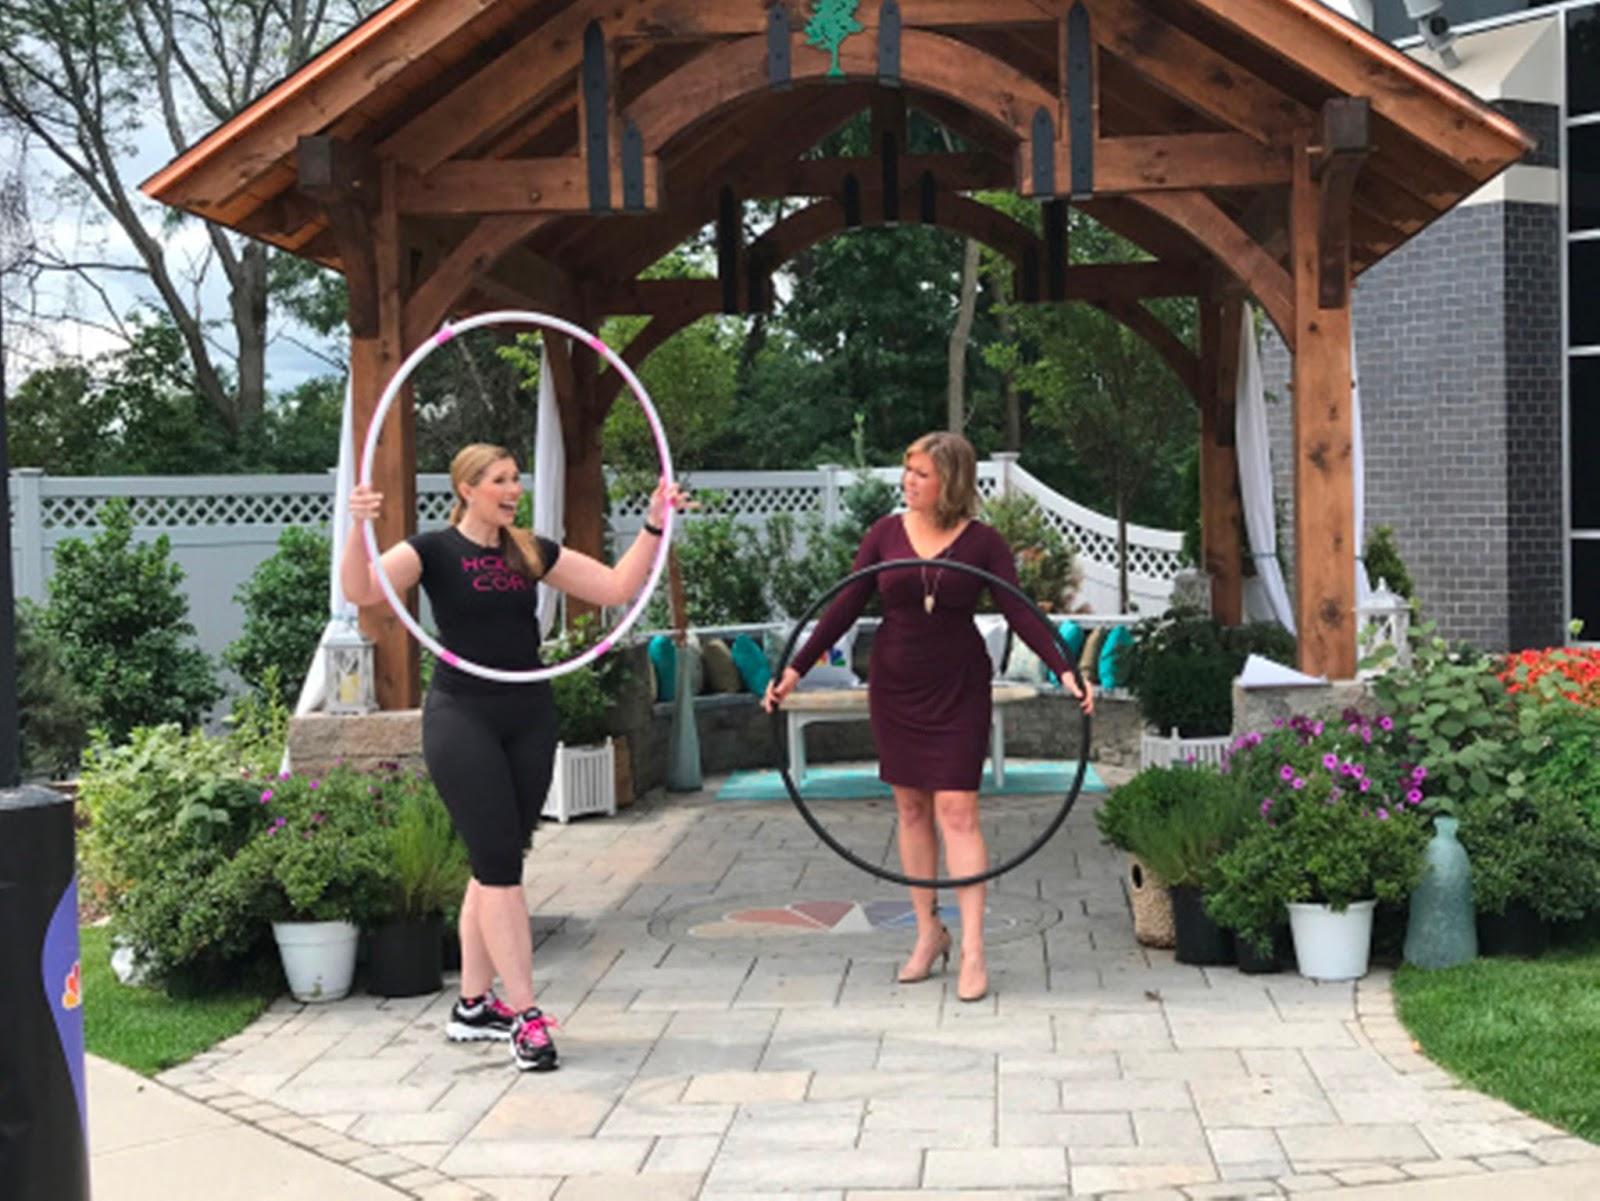 Cori Magnotta Weight Loss Trainer : Cori Magnotta - Why Hooping